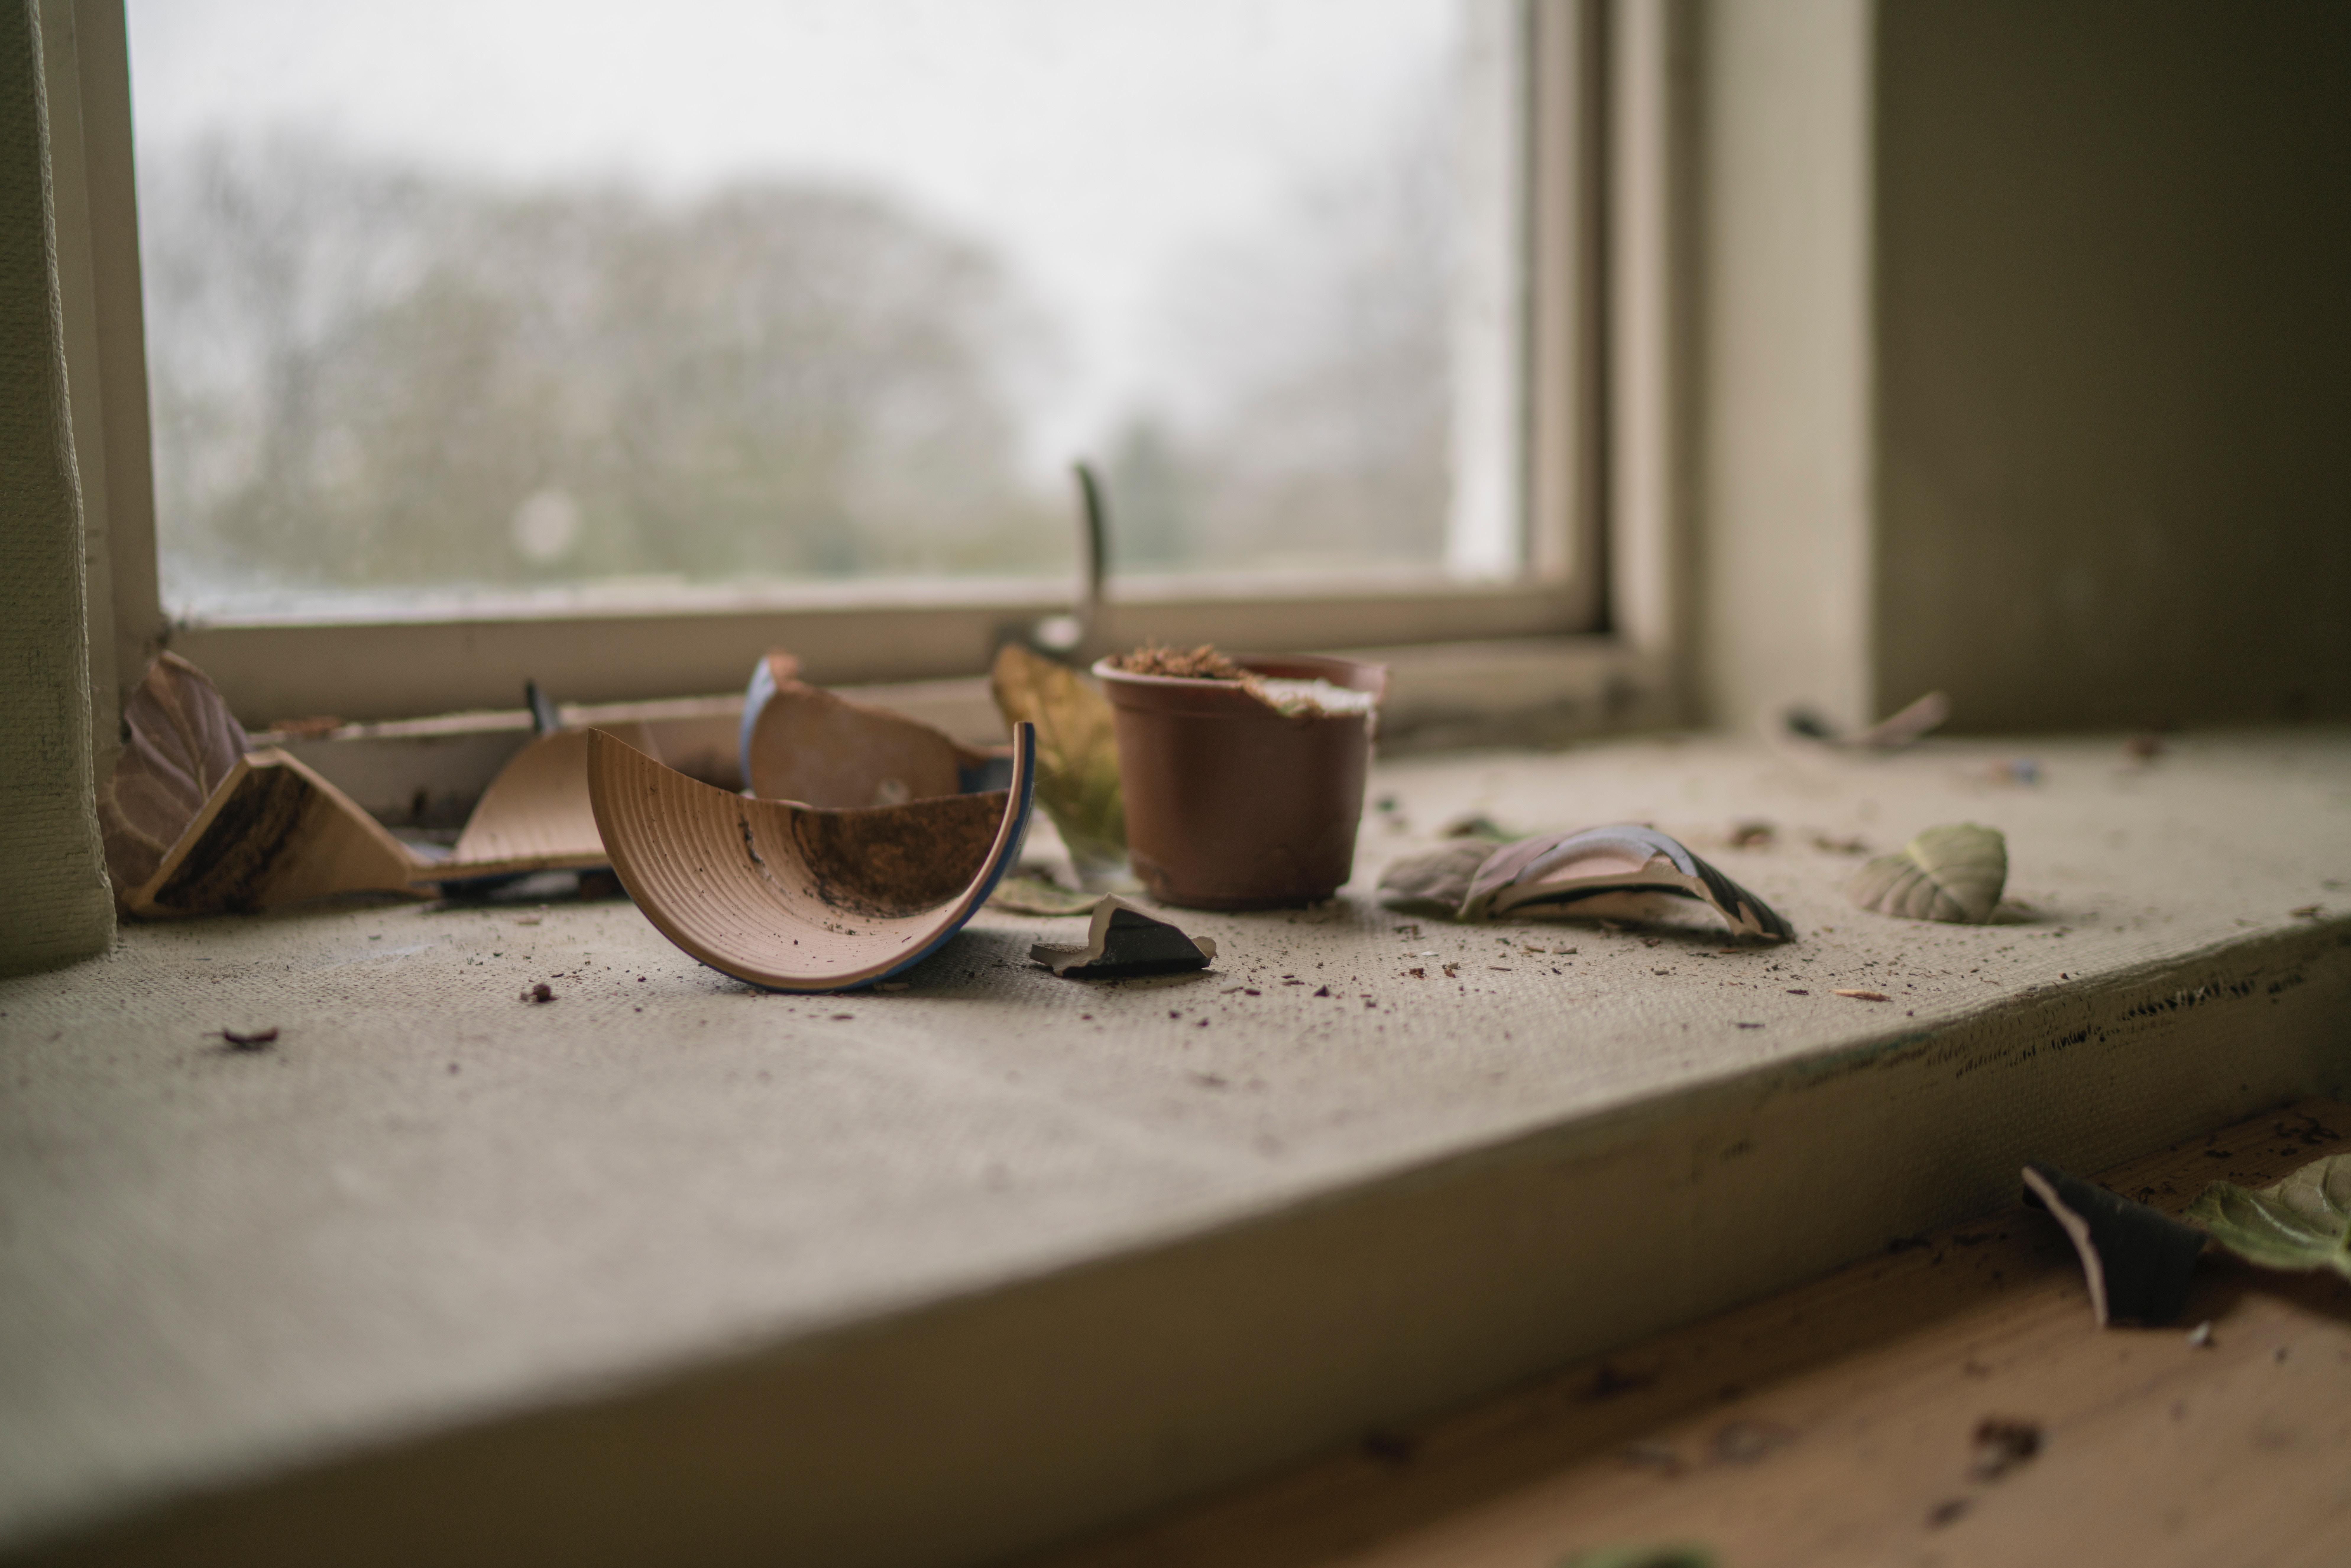 מאמר על מנהגי 'זכר לחורבן'- שבירת הכוס ו-'תיקון חצות'